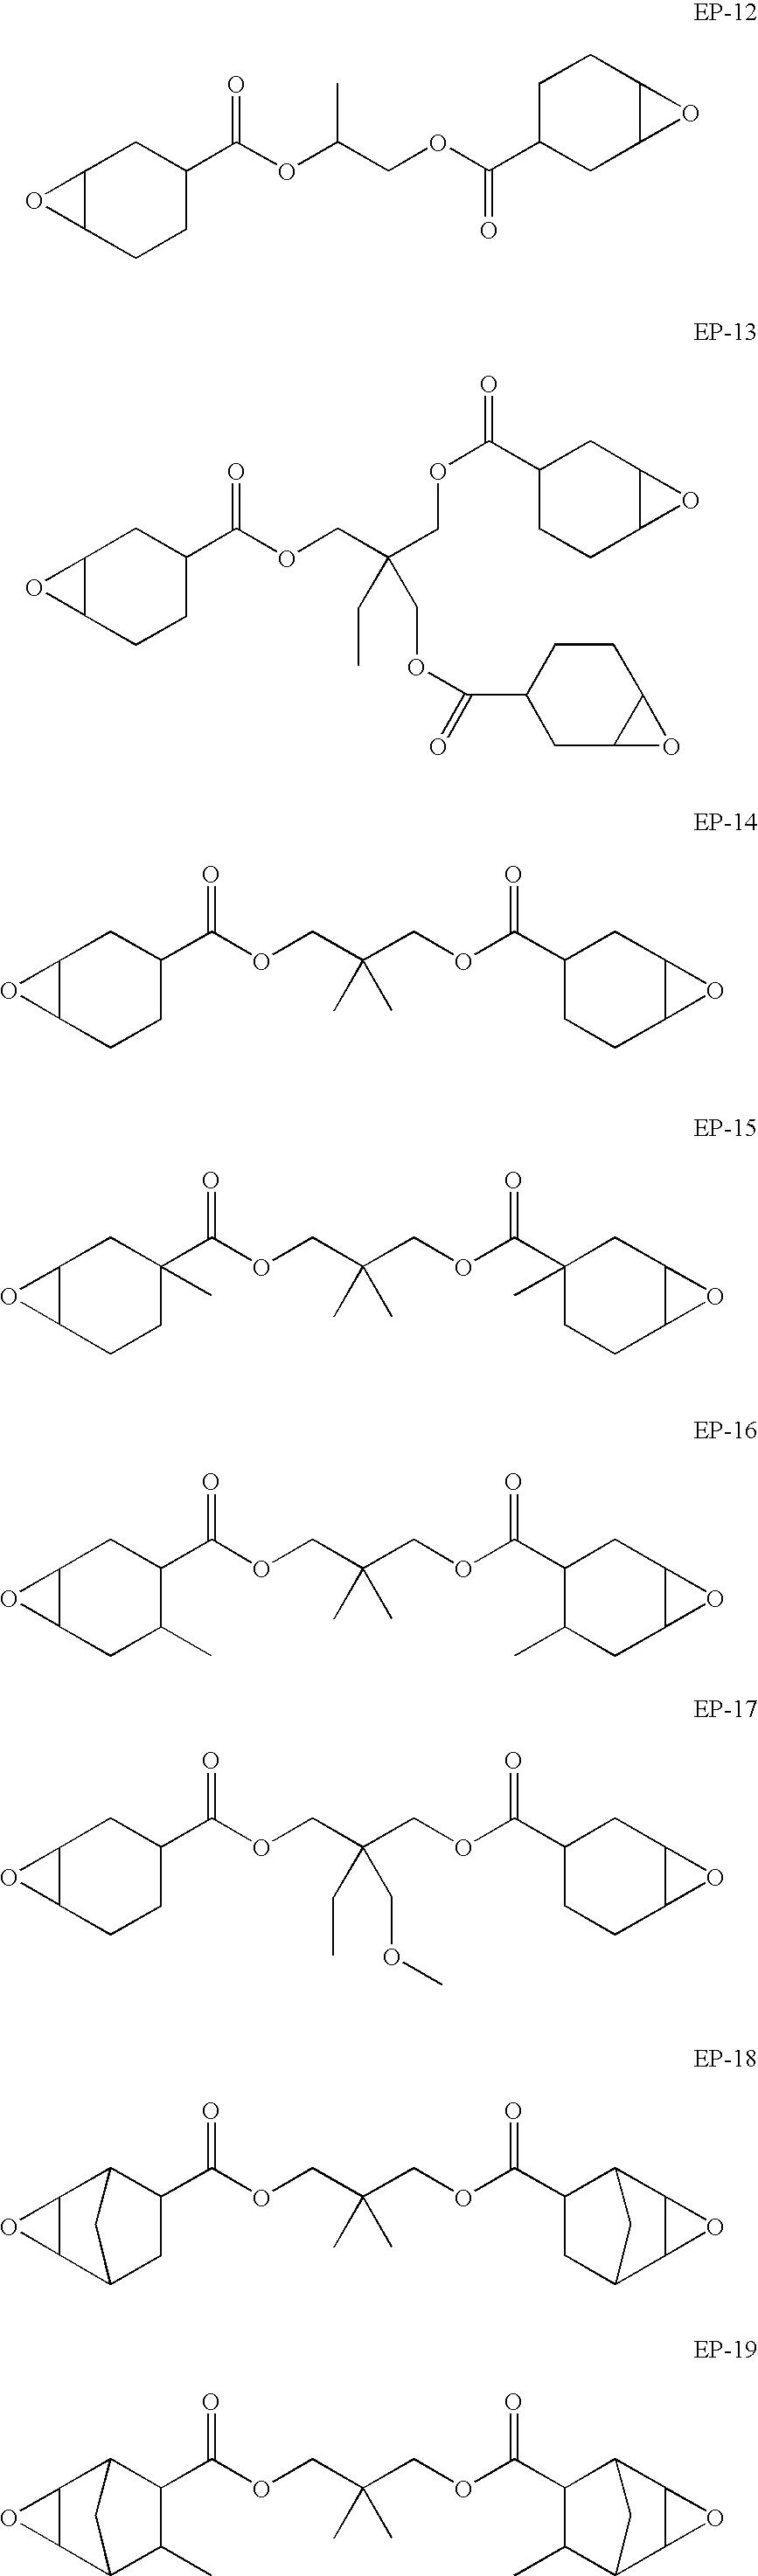 Figure US07604343-20091020-C00031